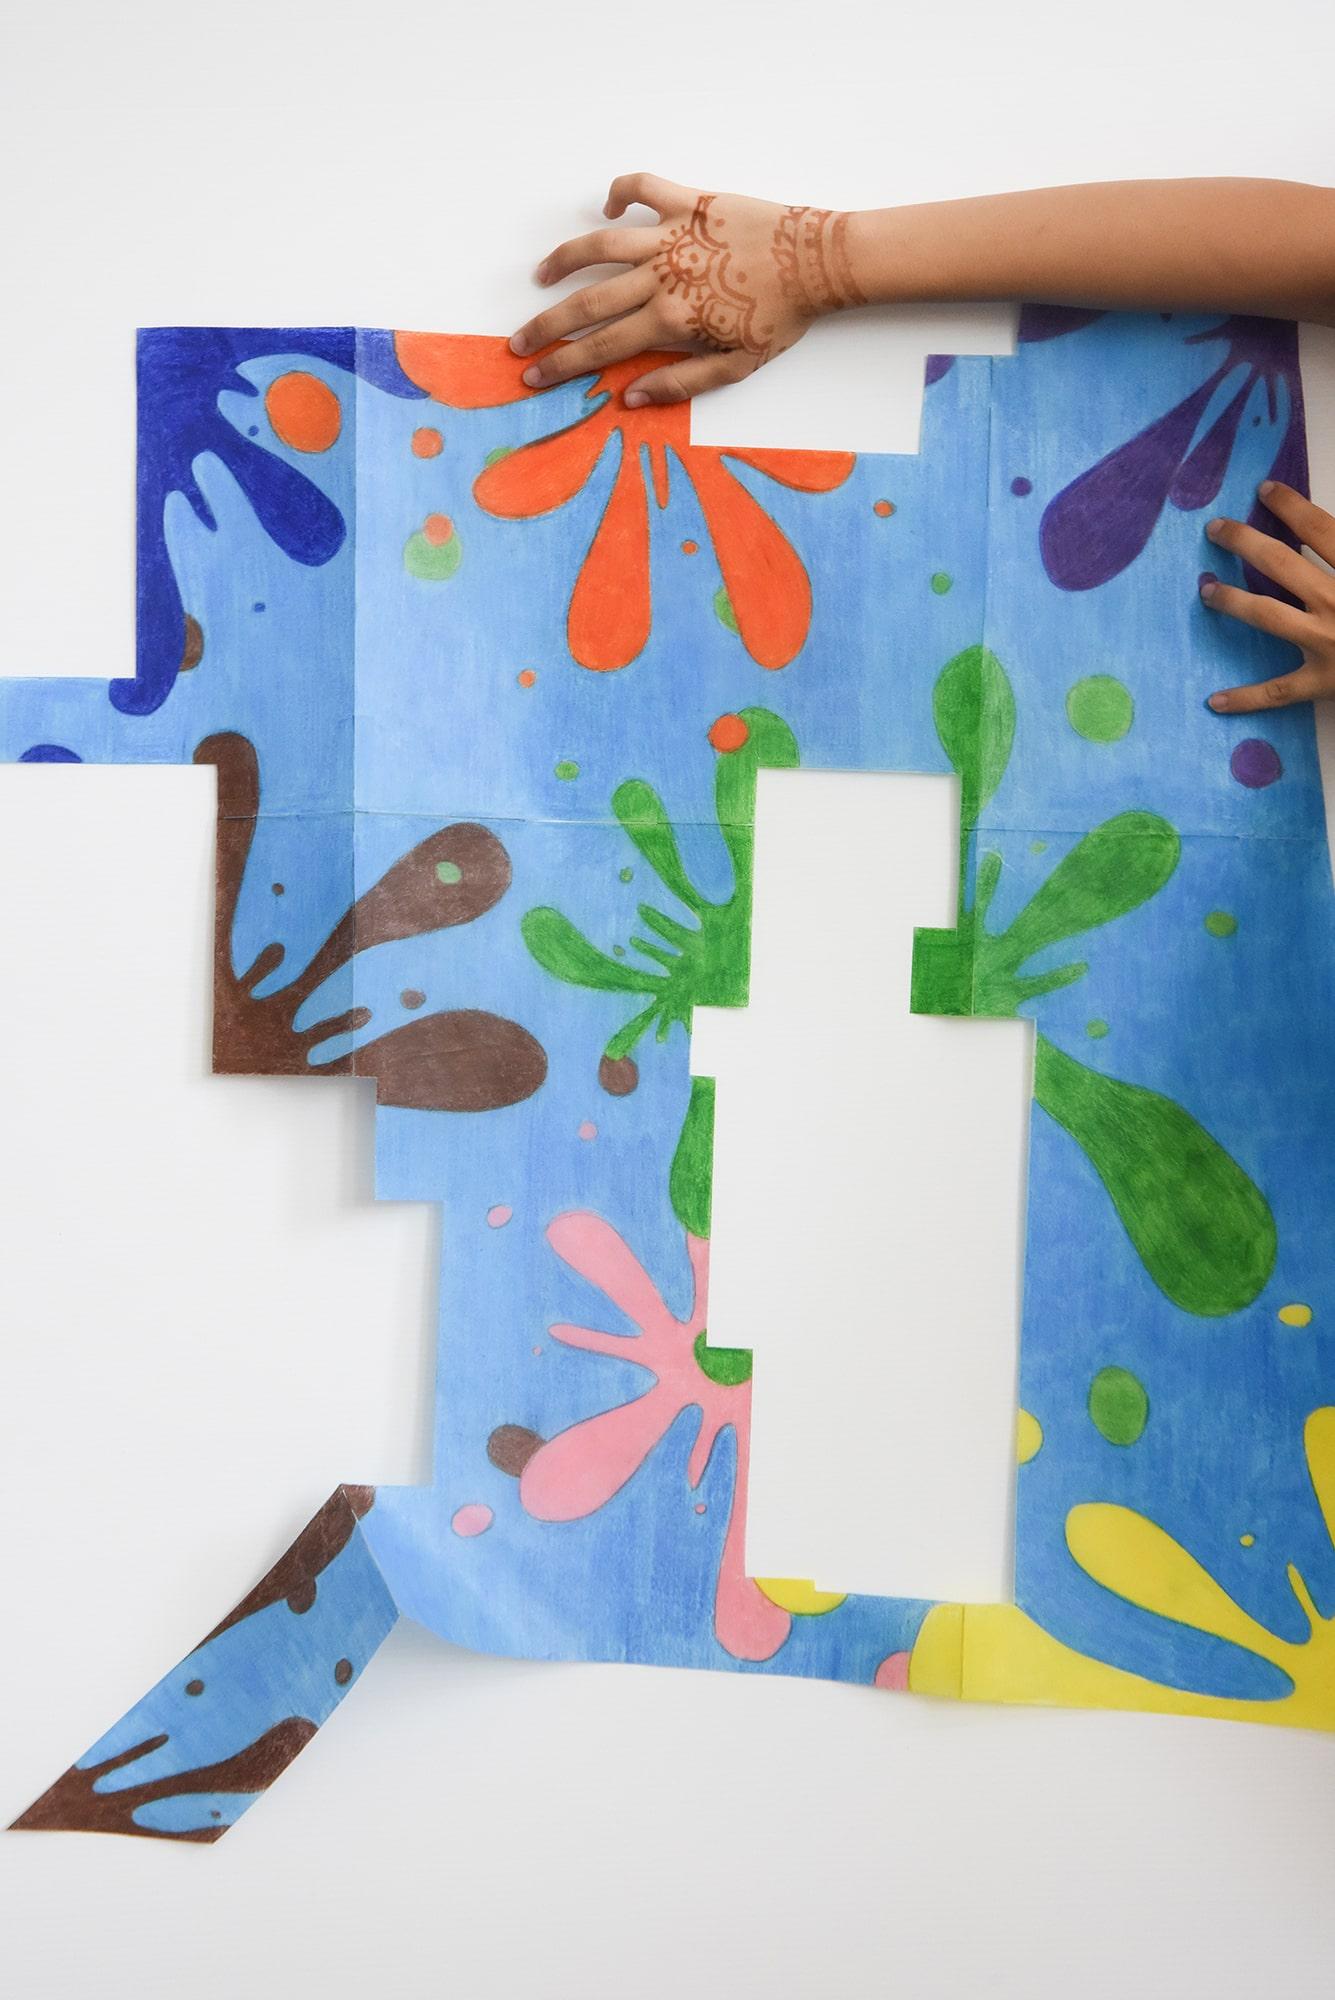 2_5_classe_02_24-min-roberta-abeni-brescia-progetto-scuole